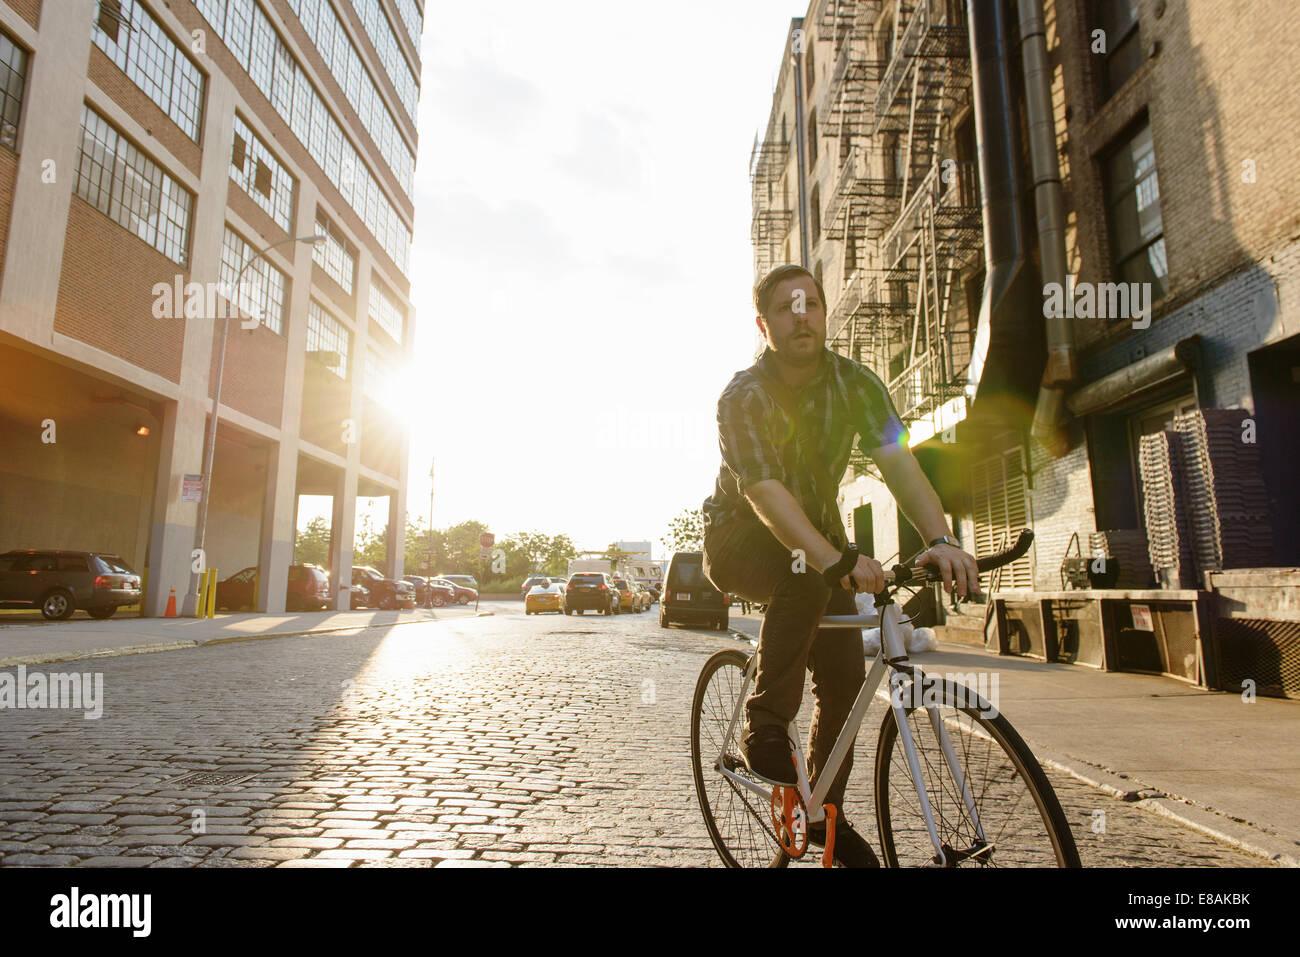 Messenger masculino en bicicleta a lo largo de las calles de la ciudad Foto de stock